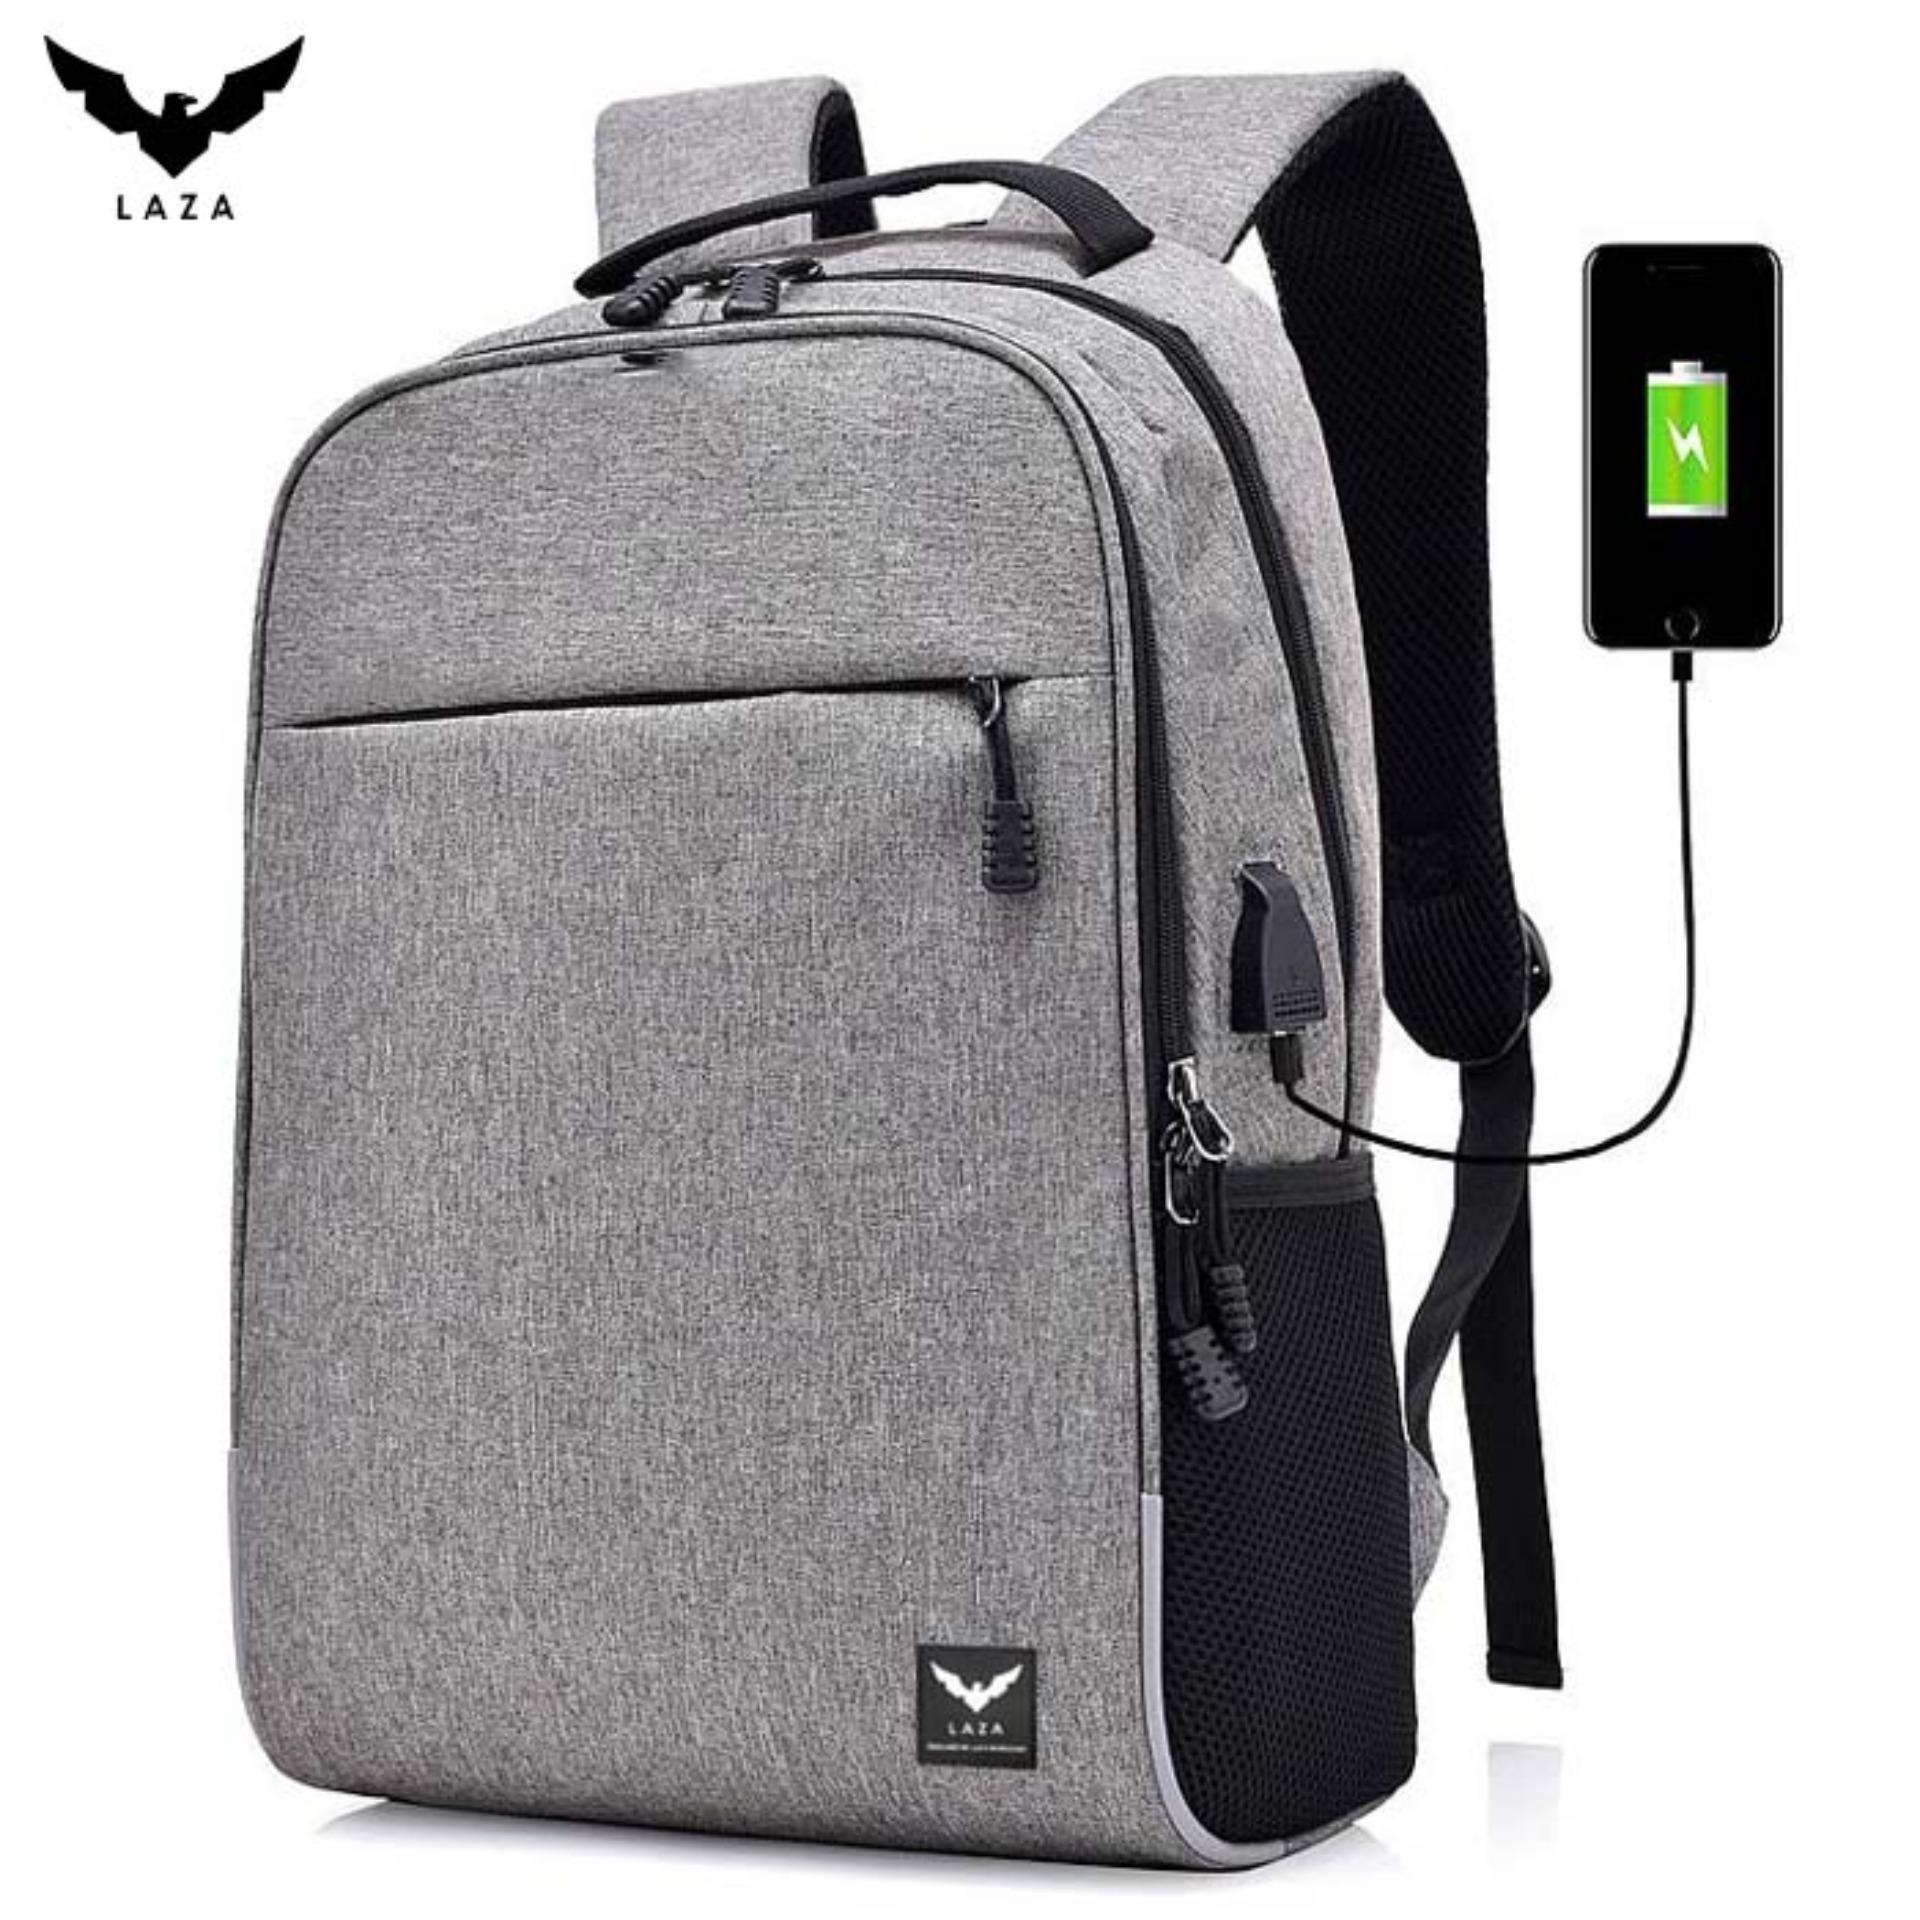 Ưu Đãi Khuyến Mại Khi Mua Balo Laptop LAZA BL423 Chất Liệu Vải Chuyên Dụng, Thiết Kế Hiện đại Và Thời Trang - Chính Hãng Phân Phối-Có USB